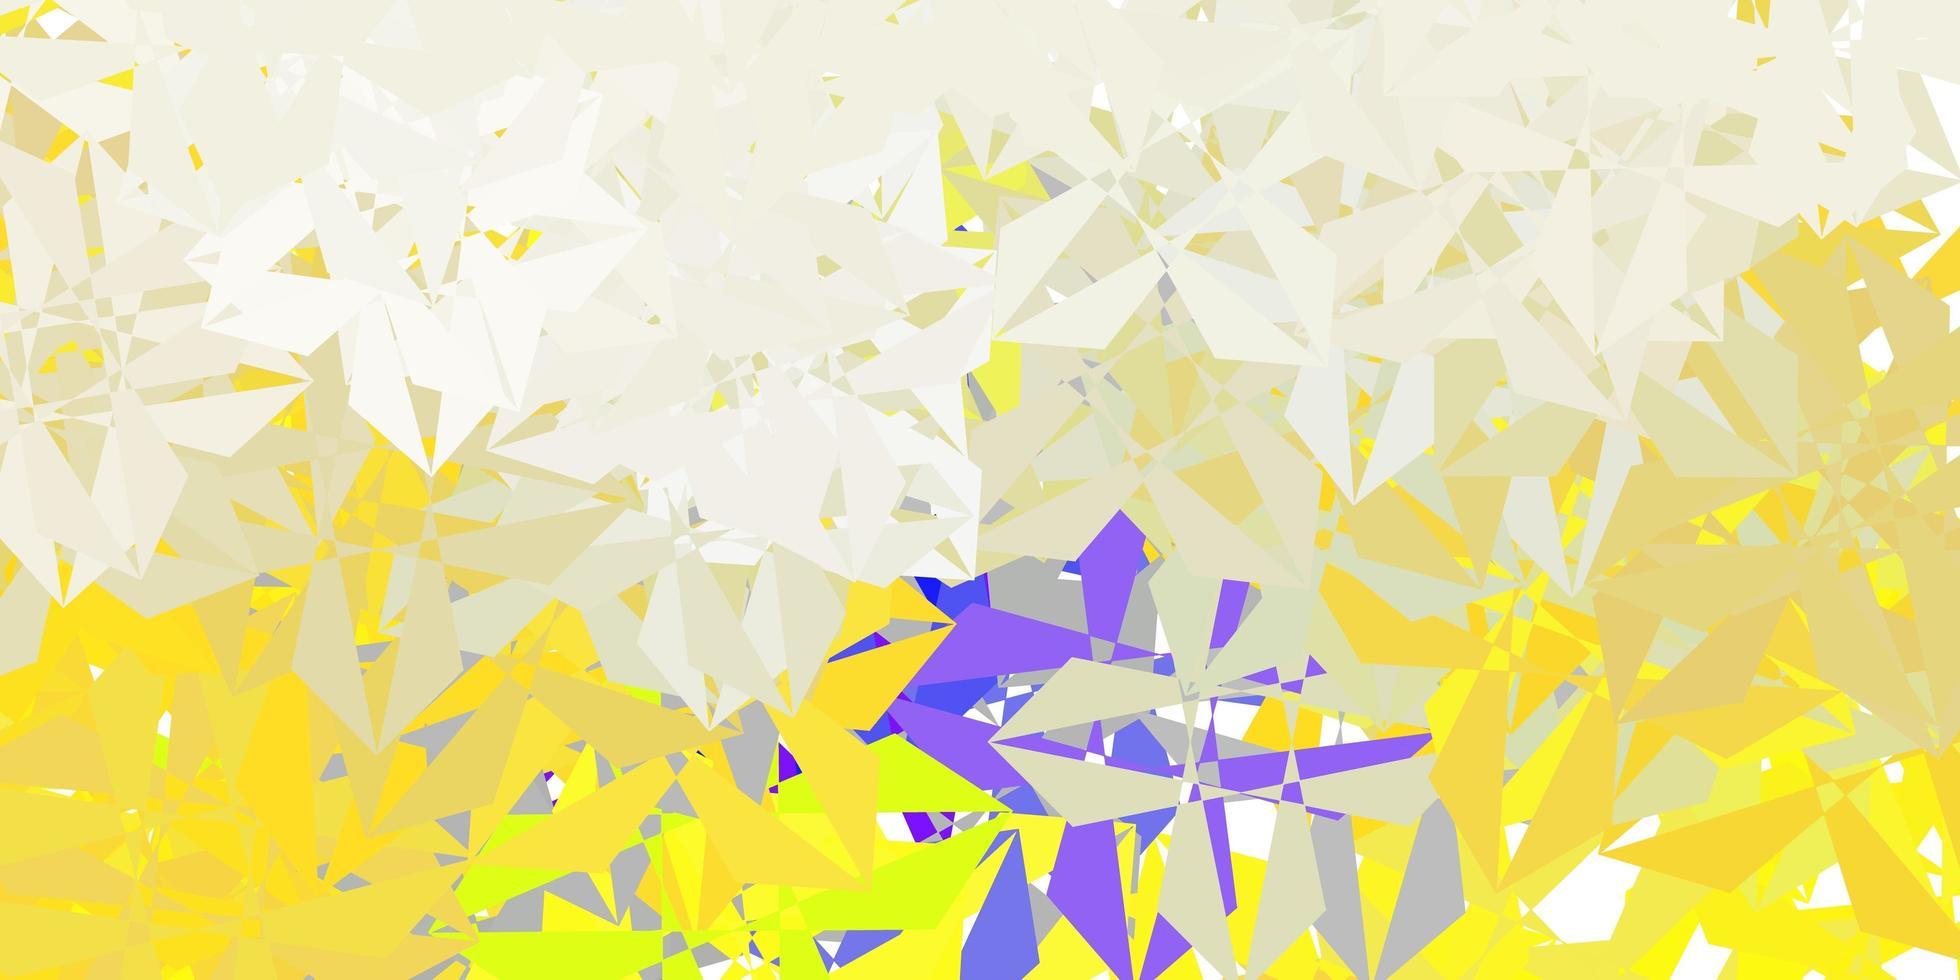 fundo poligonal do vetor cinza claro.